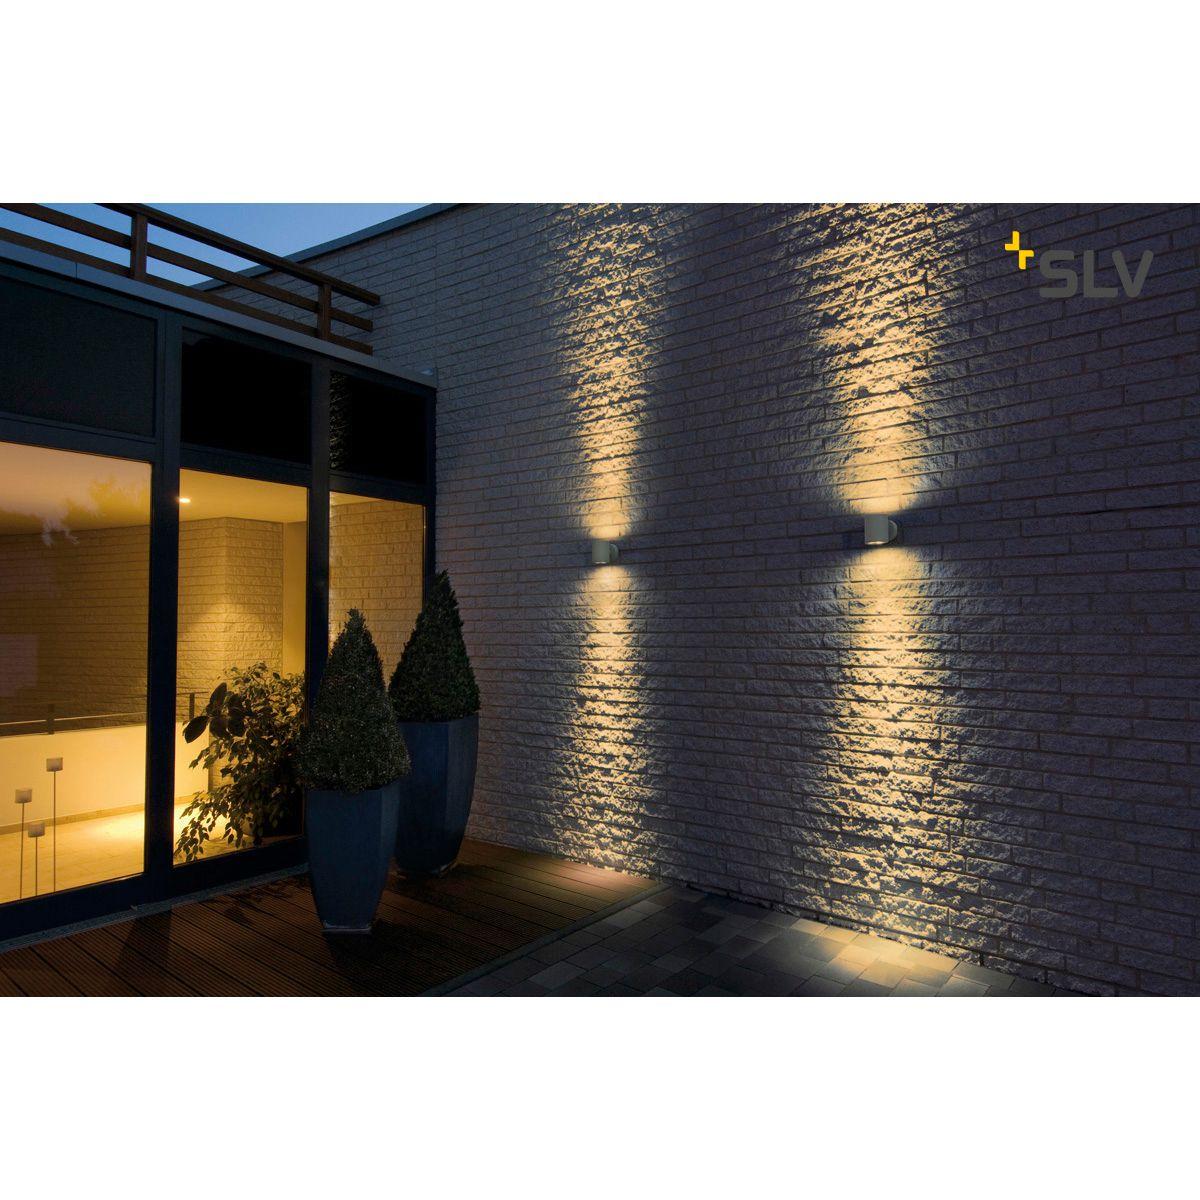 slv sitra  SLV Sitra Wall Up-Down Lampada da parete -